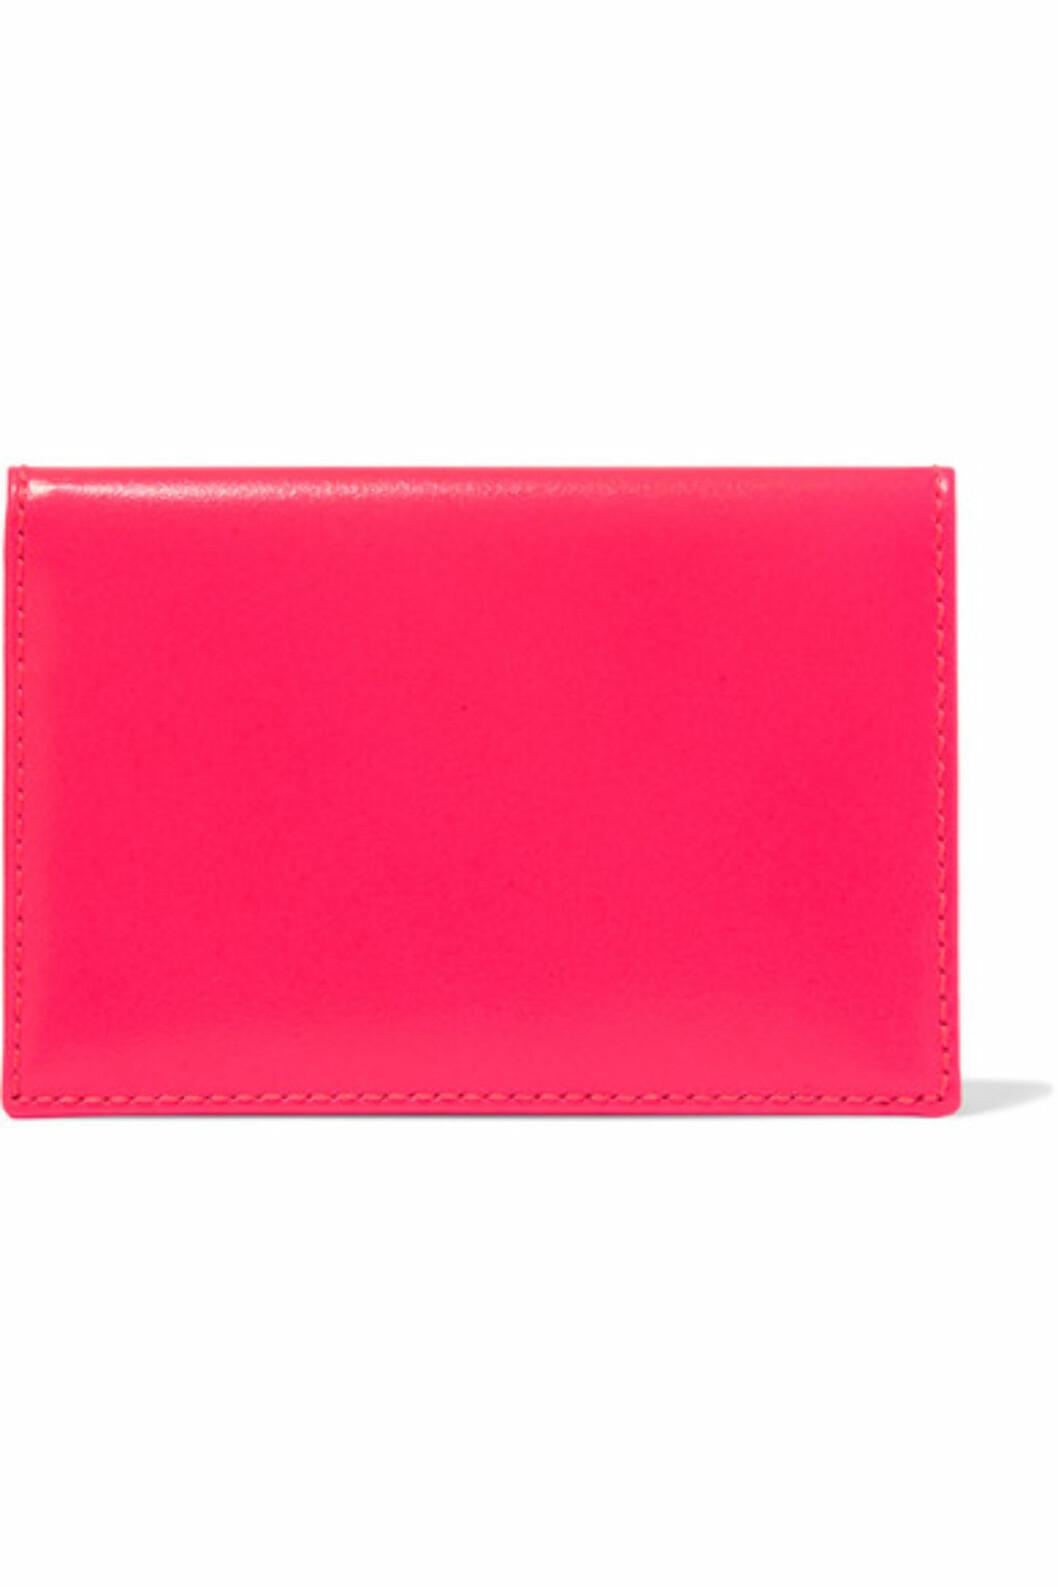 Kortholder fra Comme Des Garcons via Net-a-porter.com | kr 582 | https://www.net-a-porter.com/no/en/product/755062/comme_des_garcons/neon-leather-cardholder